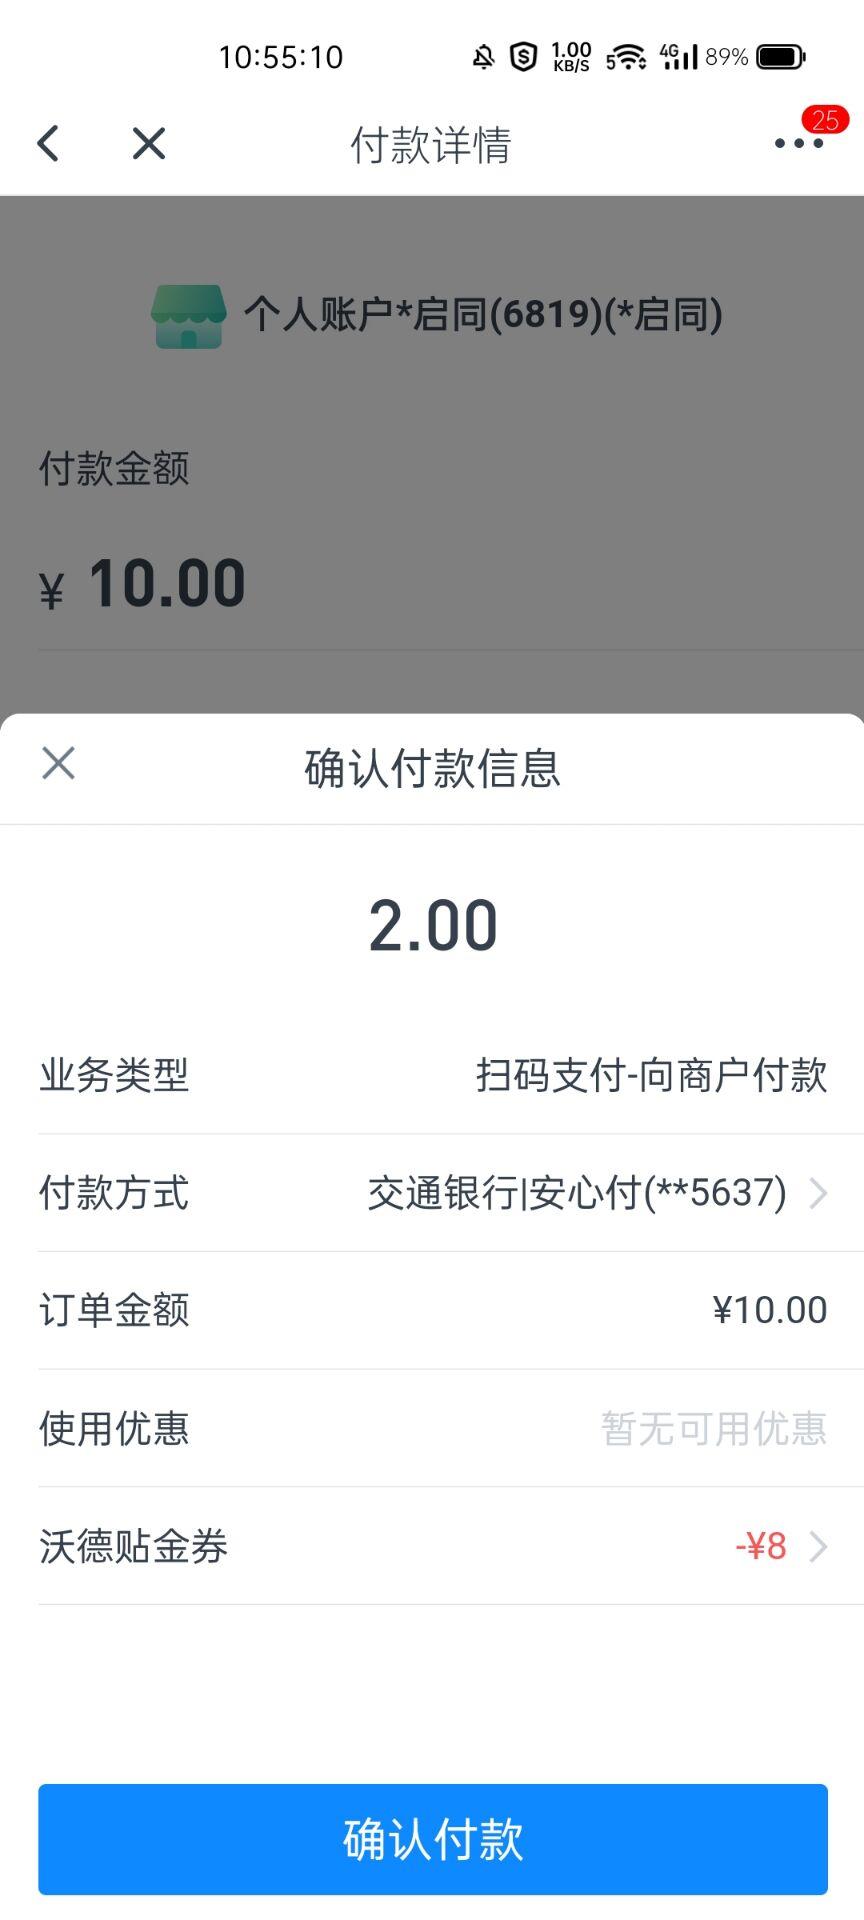 【支付立减金】交通银行领10元以上支付立减券-聚合资源网